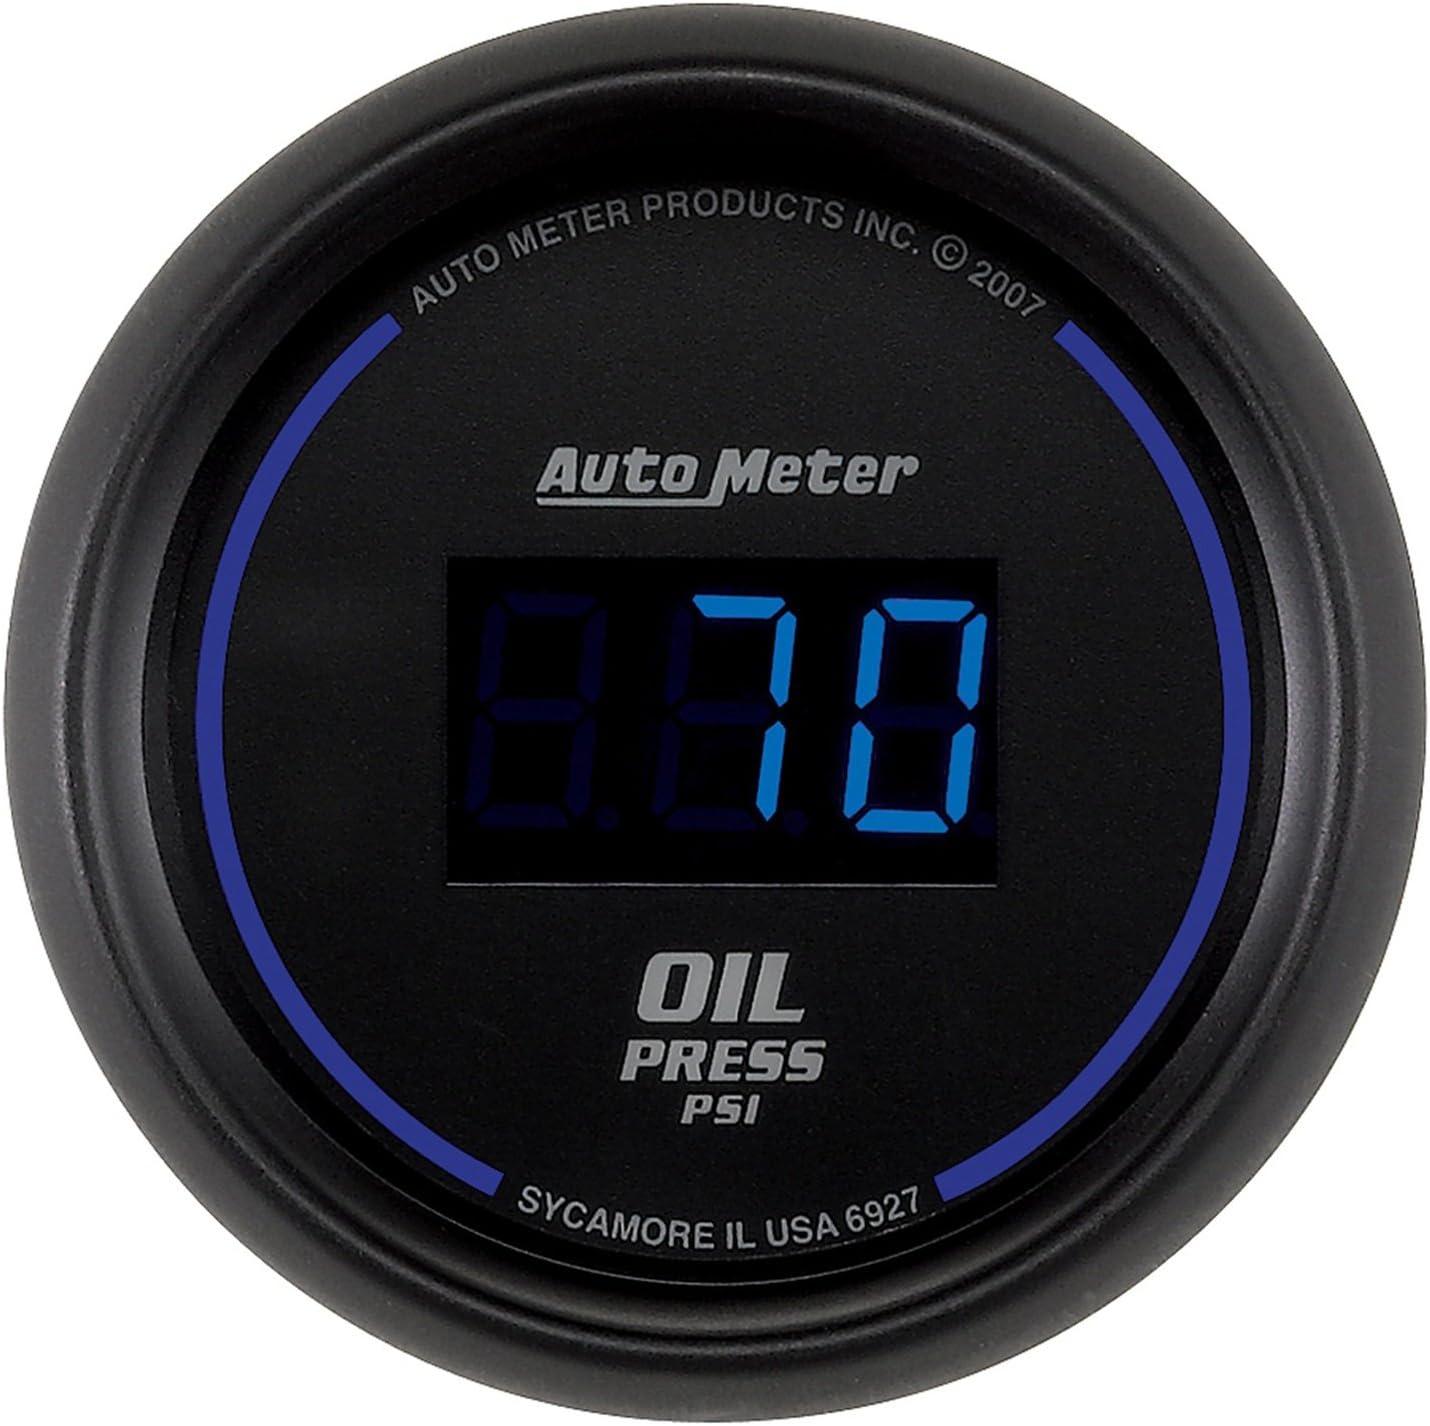 Autometer Cobalt Digital 52.4mm Black 0-100psi Oil Pressure Gauge am6927